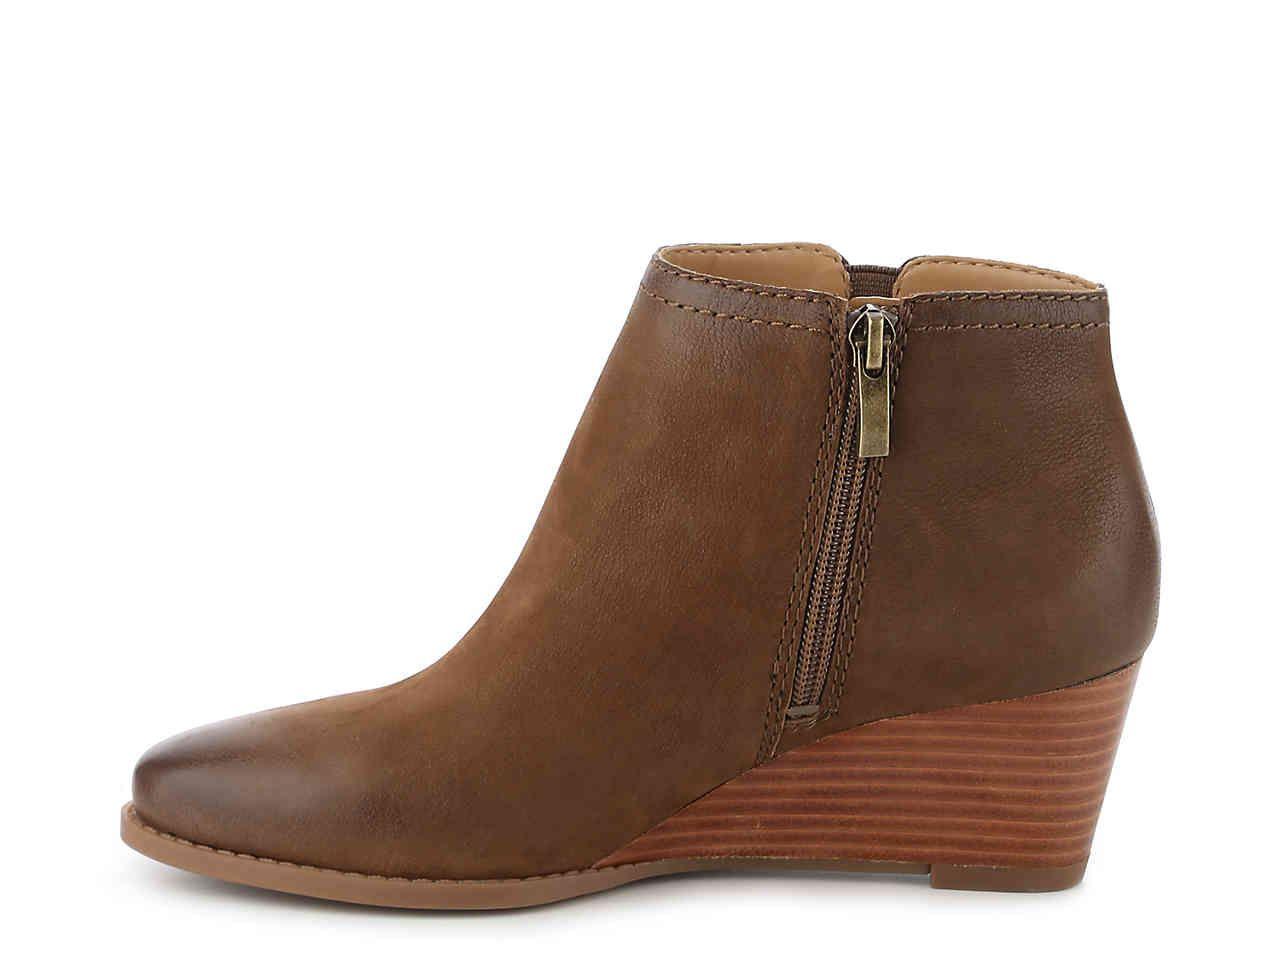 Fashion week Brown Dark wedge booties for lady